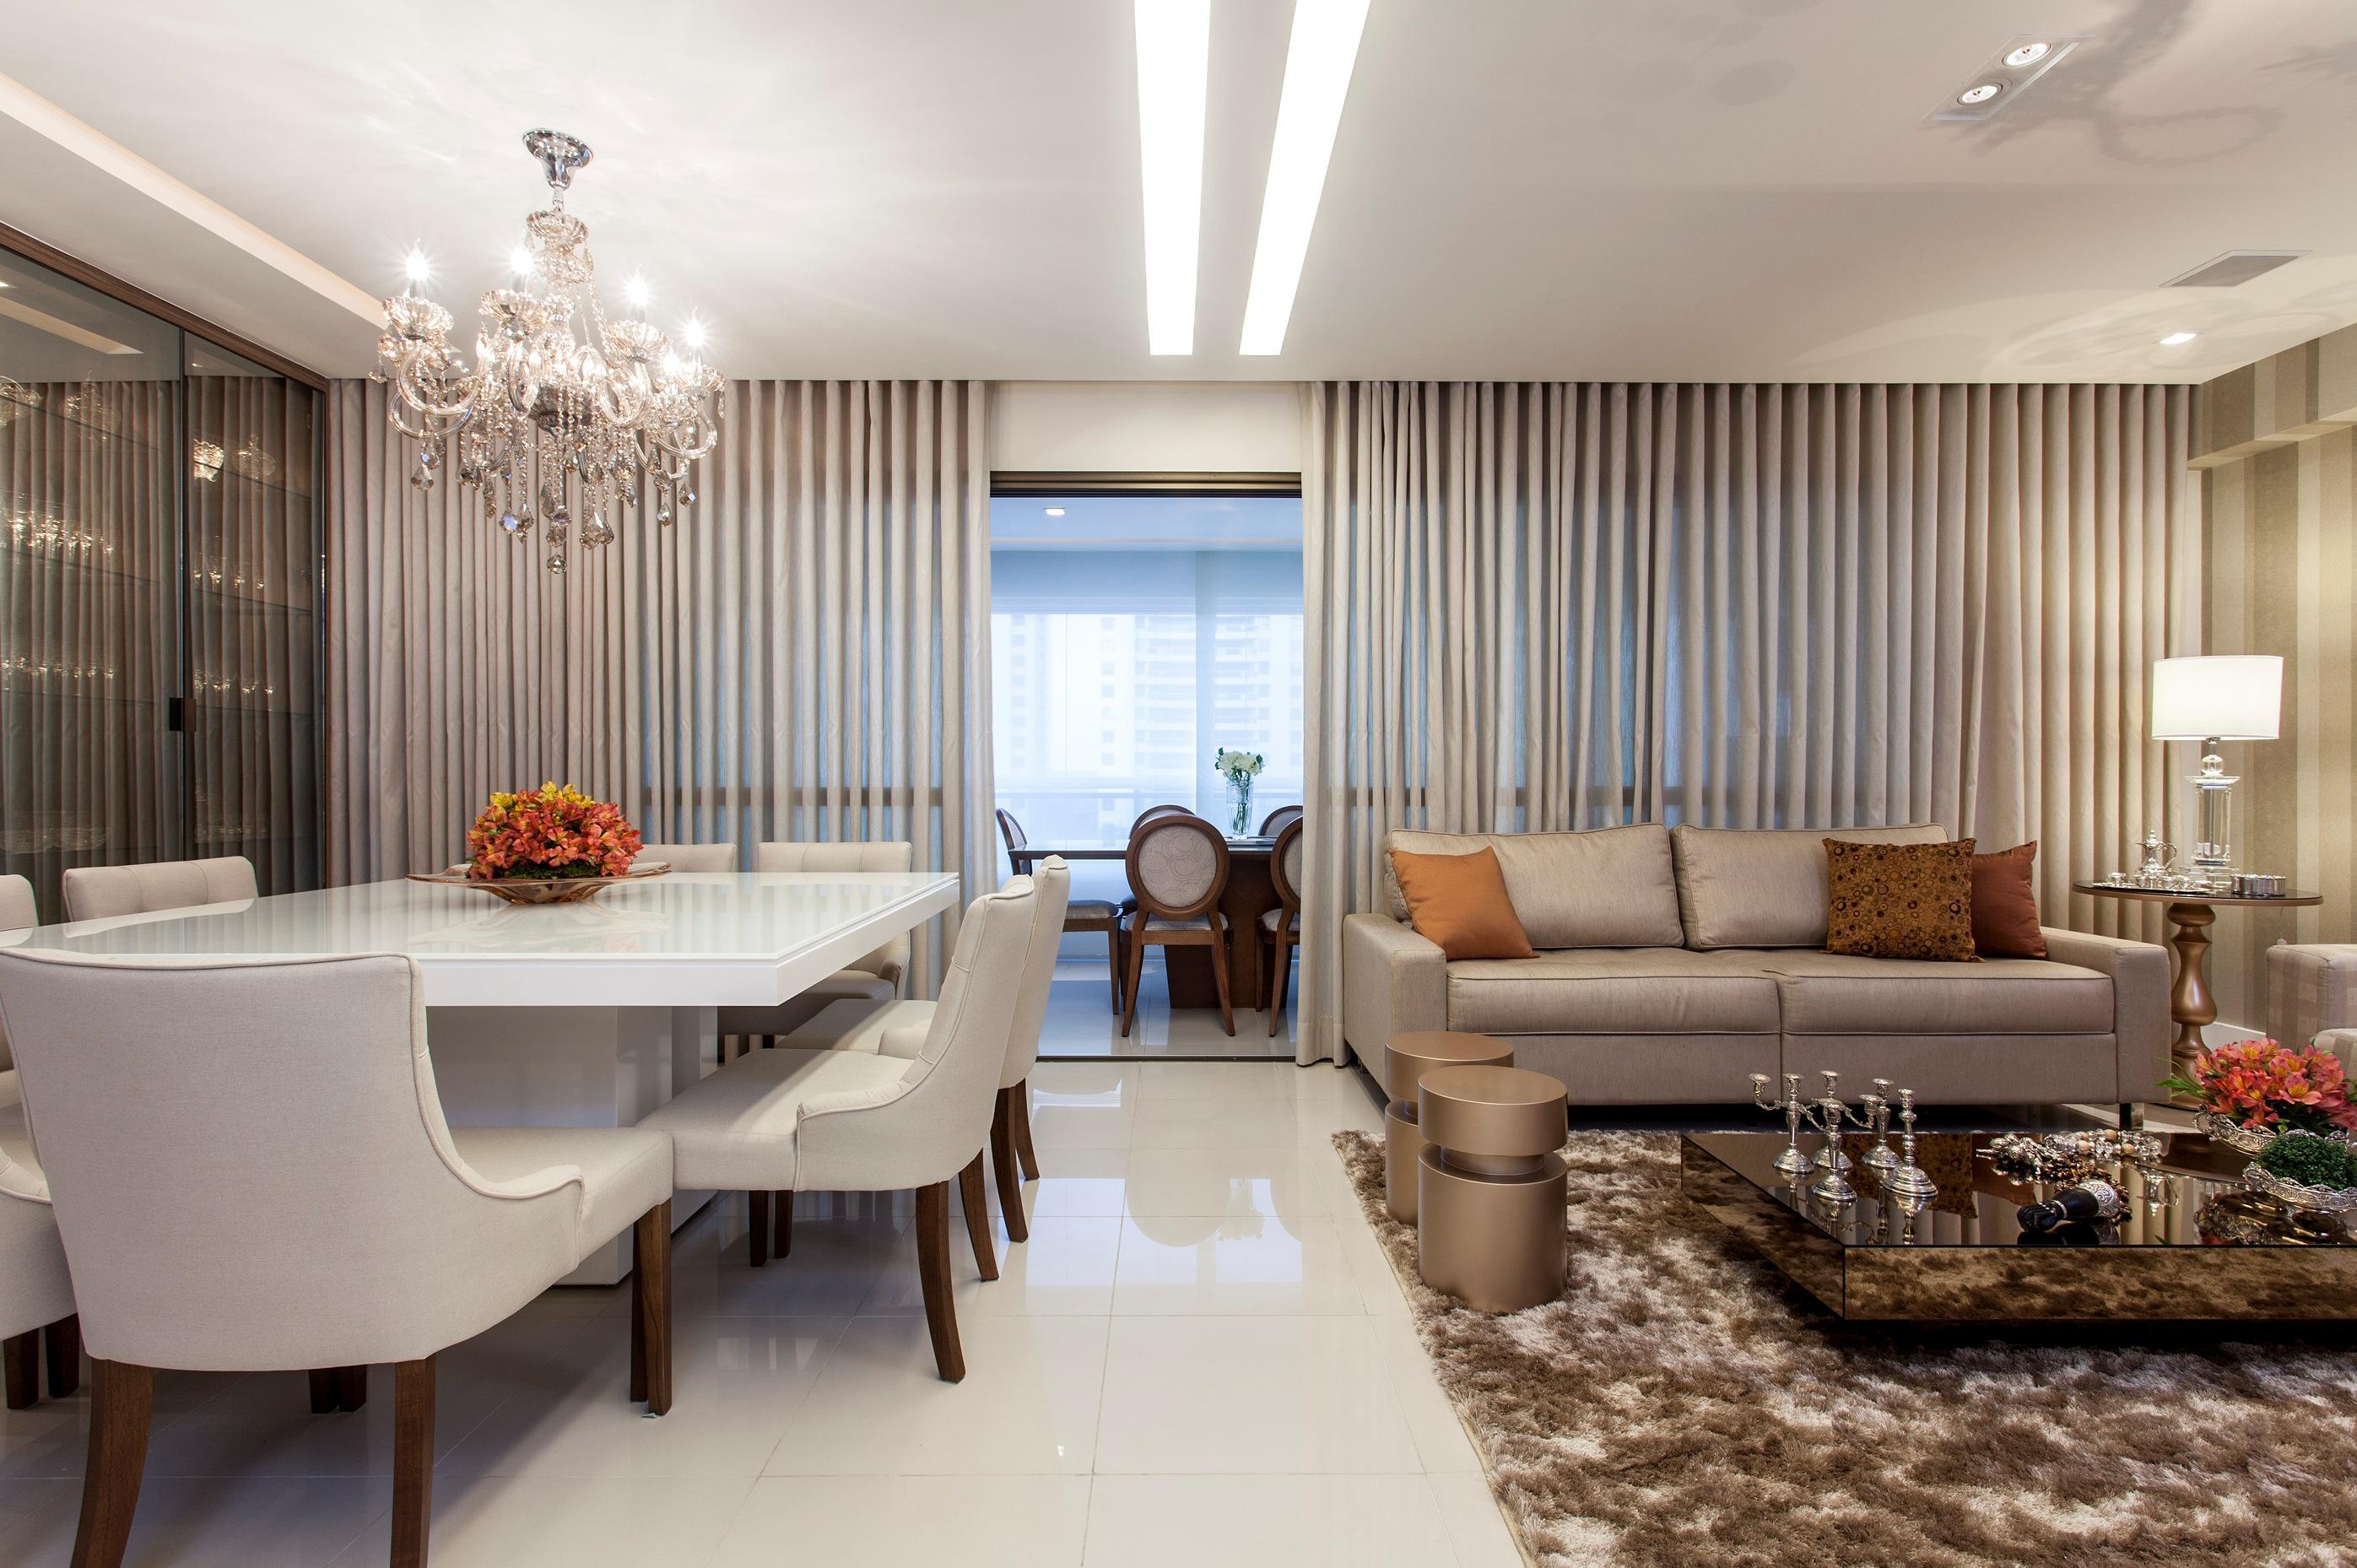 Artigos para decoraç u00e3o de interiores -> Decoração De Interiores Salas Grandes